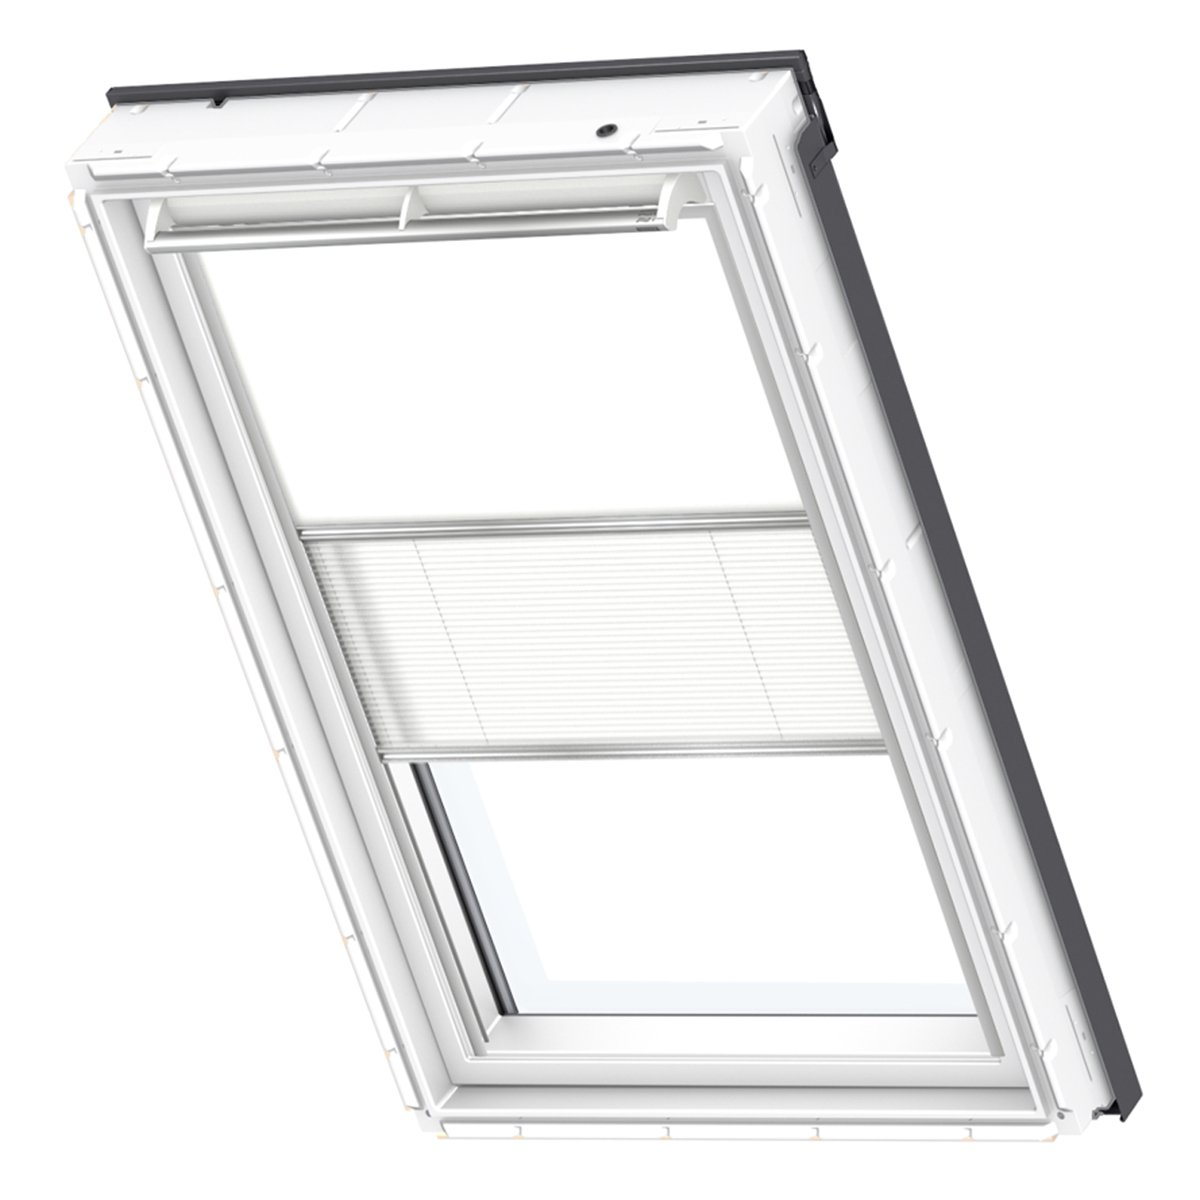 VELUX Original Verdunkelung Plus Dachfenster, S08, Uni Weiß Weiß